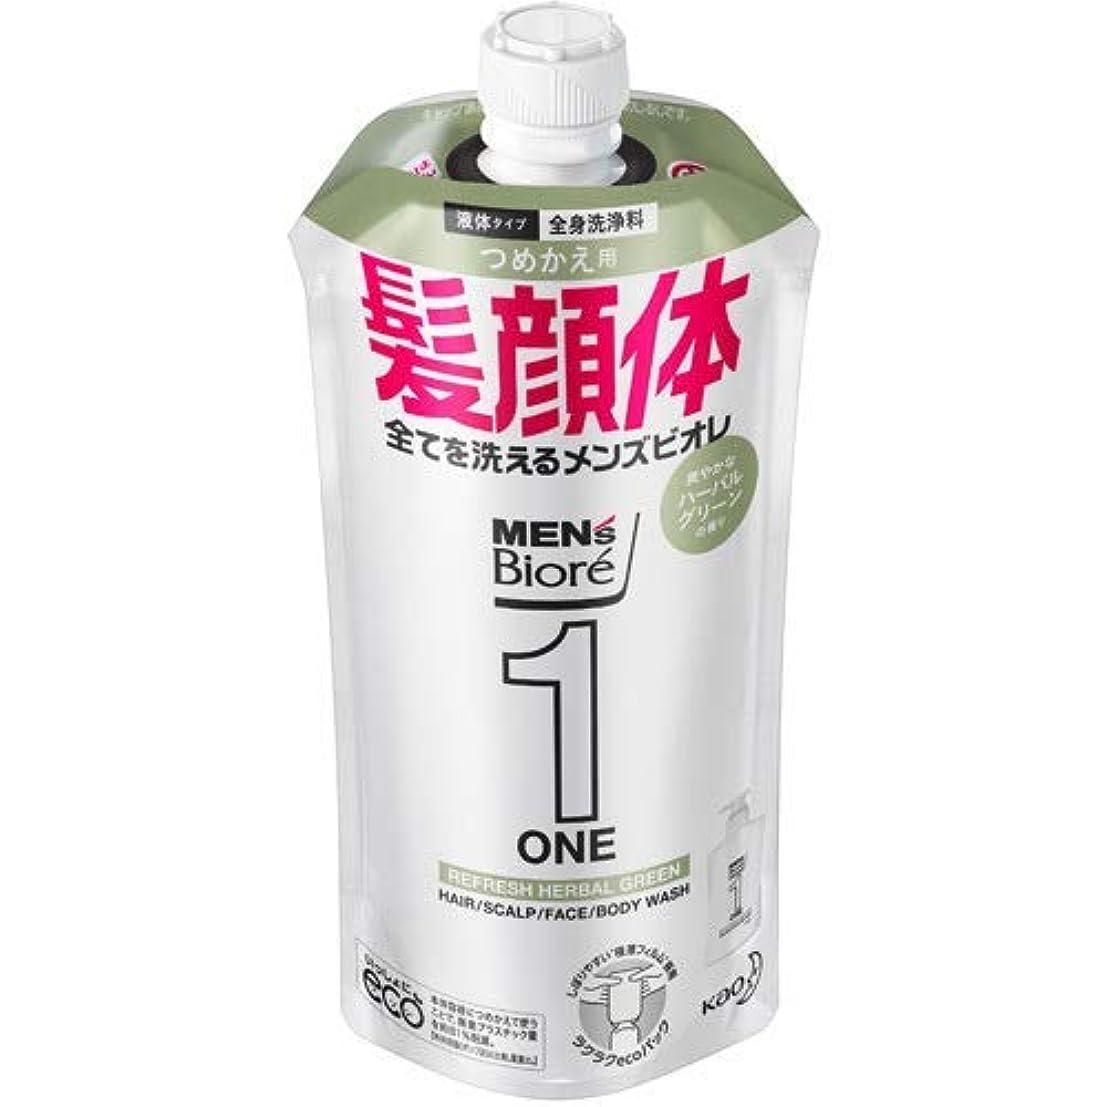 一人で有限メタルライン【10個セット】メンズビオレONE オールインワン全身洗浄料 爽やかなハーブルグリーンの香り つめかえ用 340mL